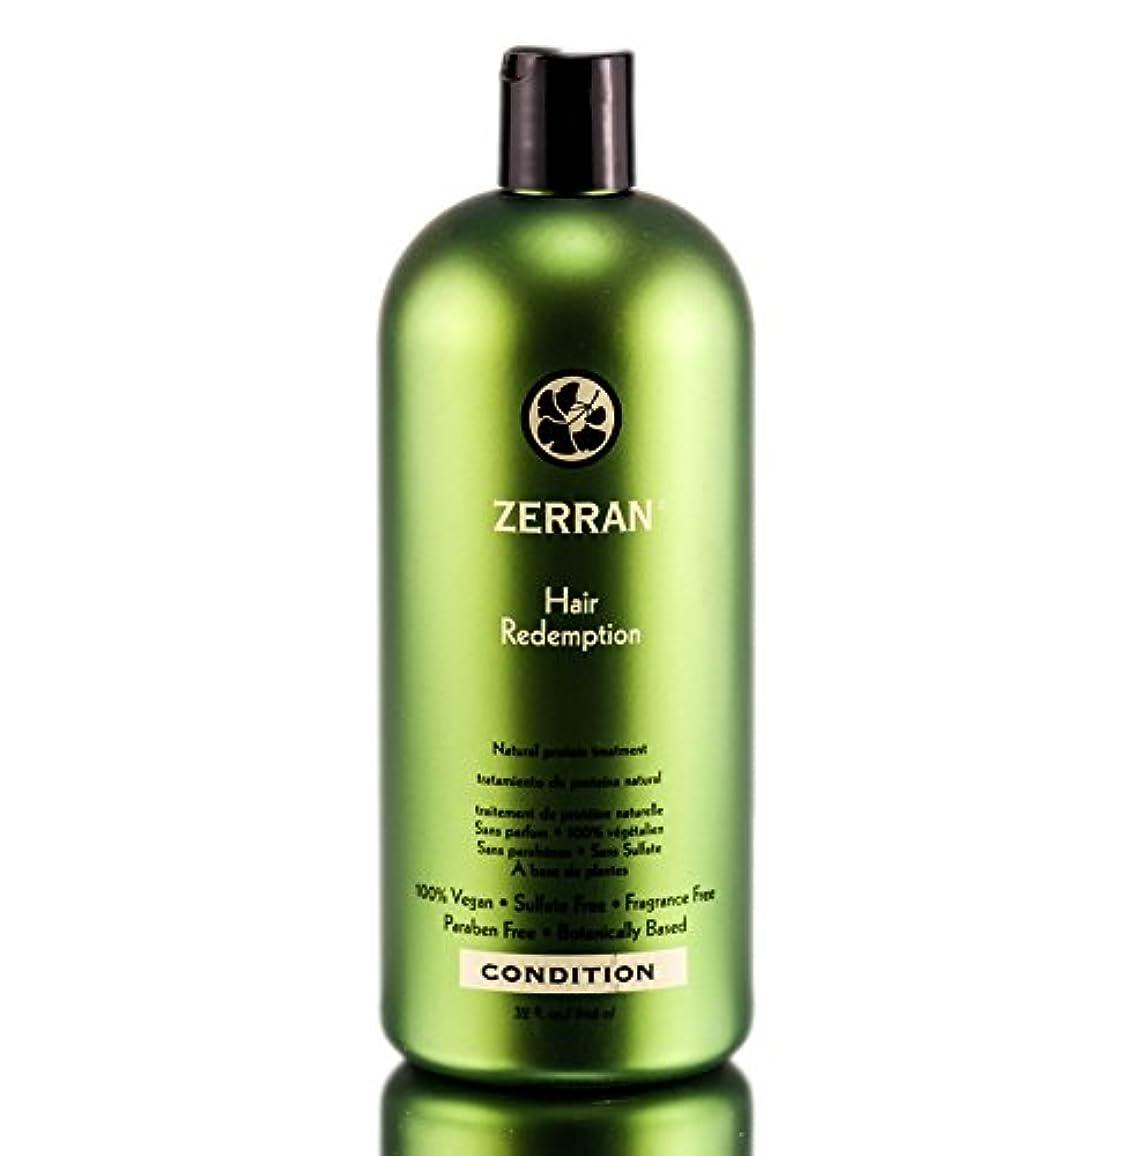 オピエート磁石旅行代理店Zerran Hair Care Zerran髪の償還 - emergeny天然のタンパク質の髪の補修 - 33.8オンス/リットル 33.8オンス